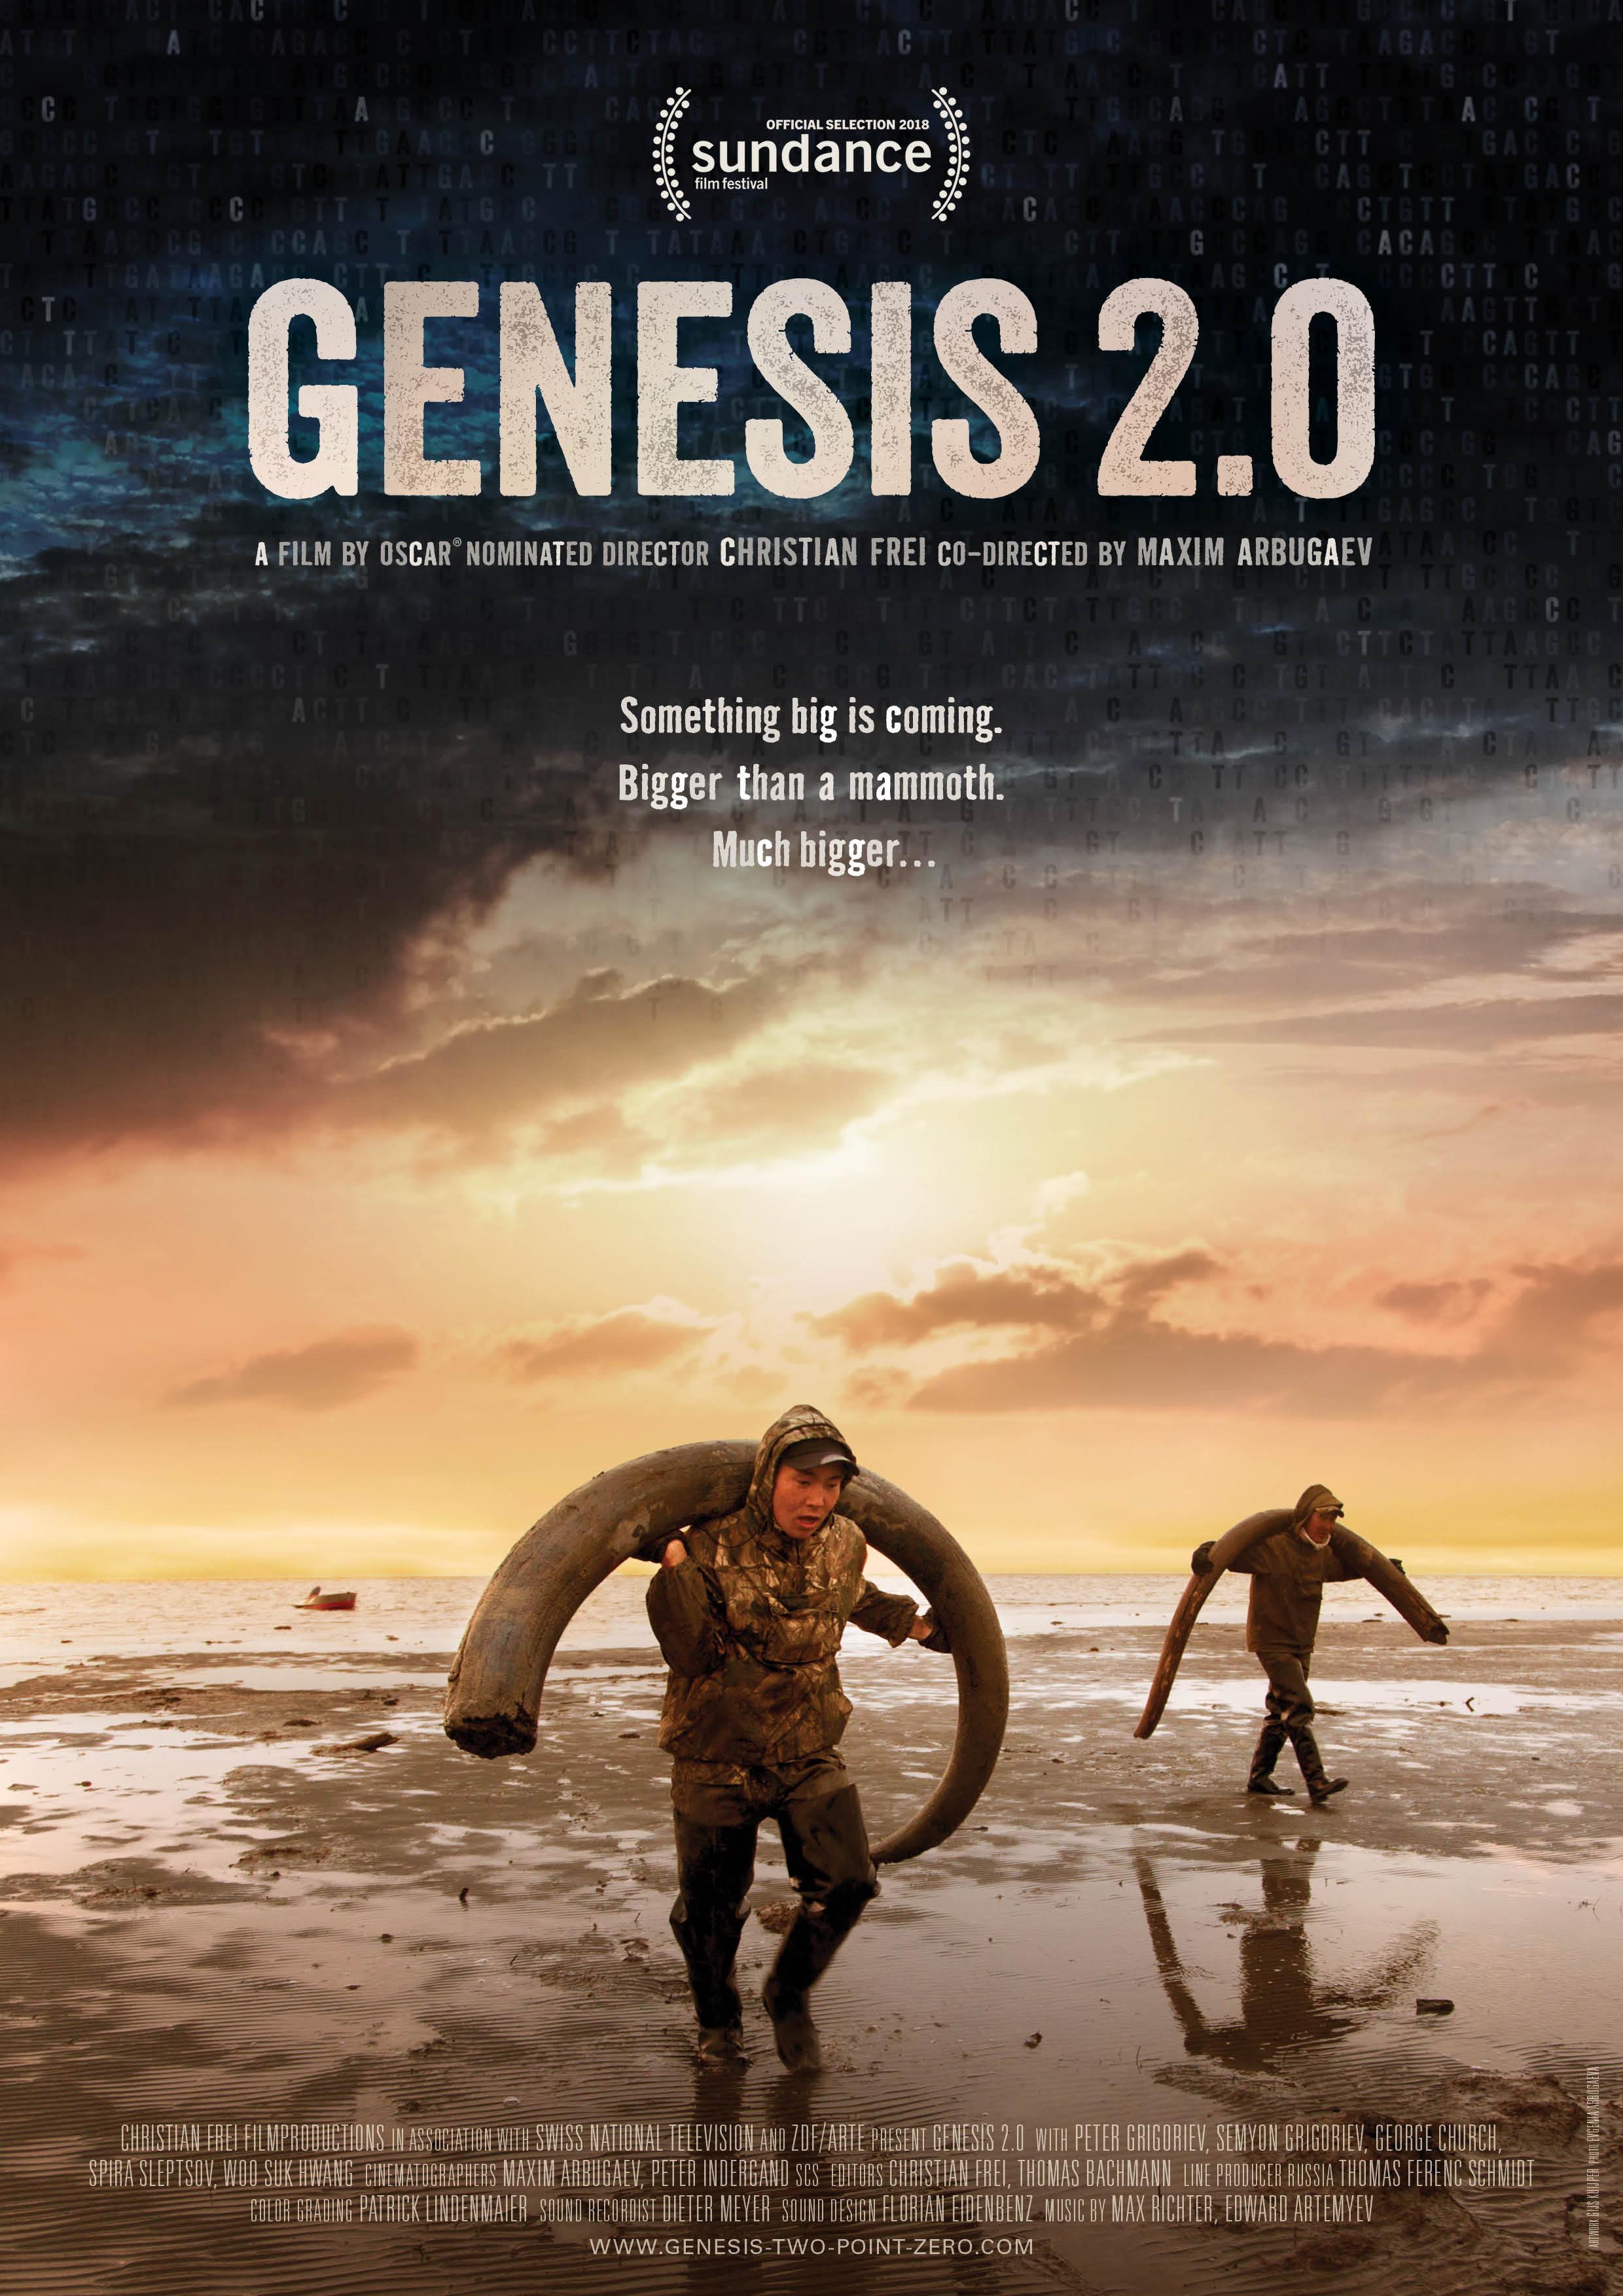 Niedziela z dokumentem: Genesis 2.0